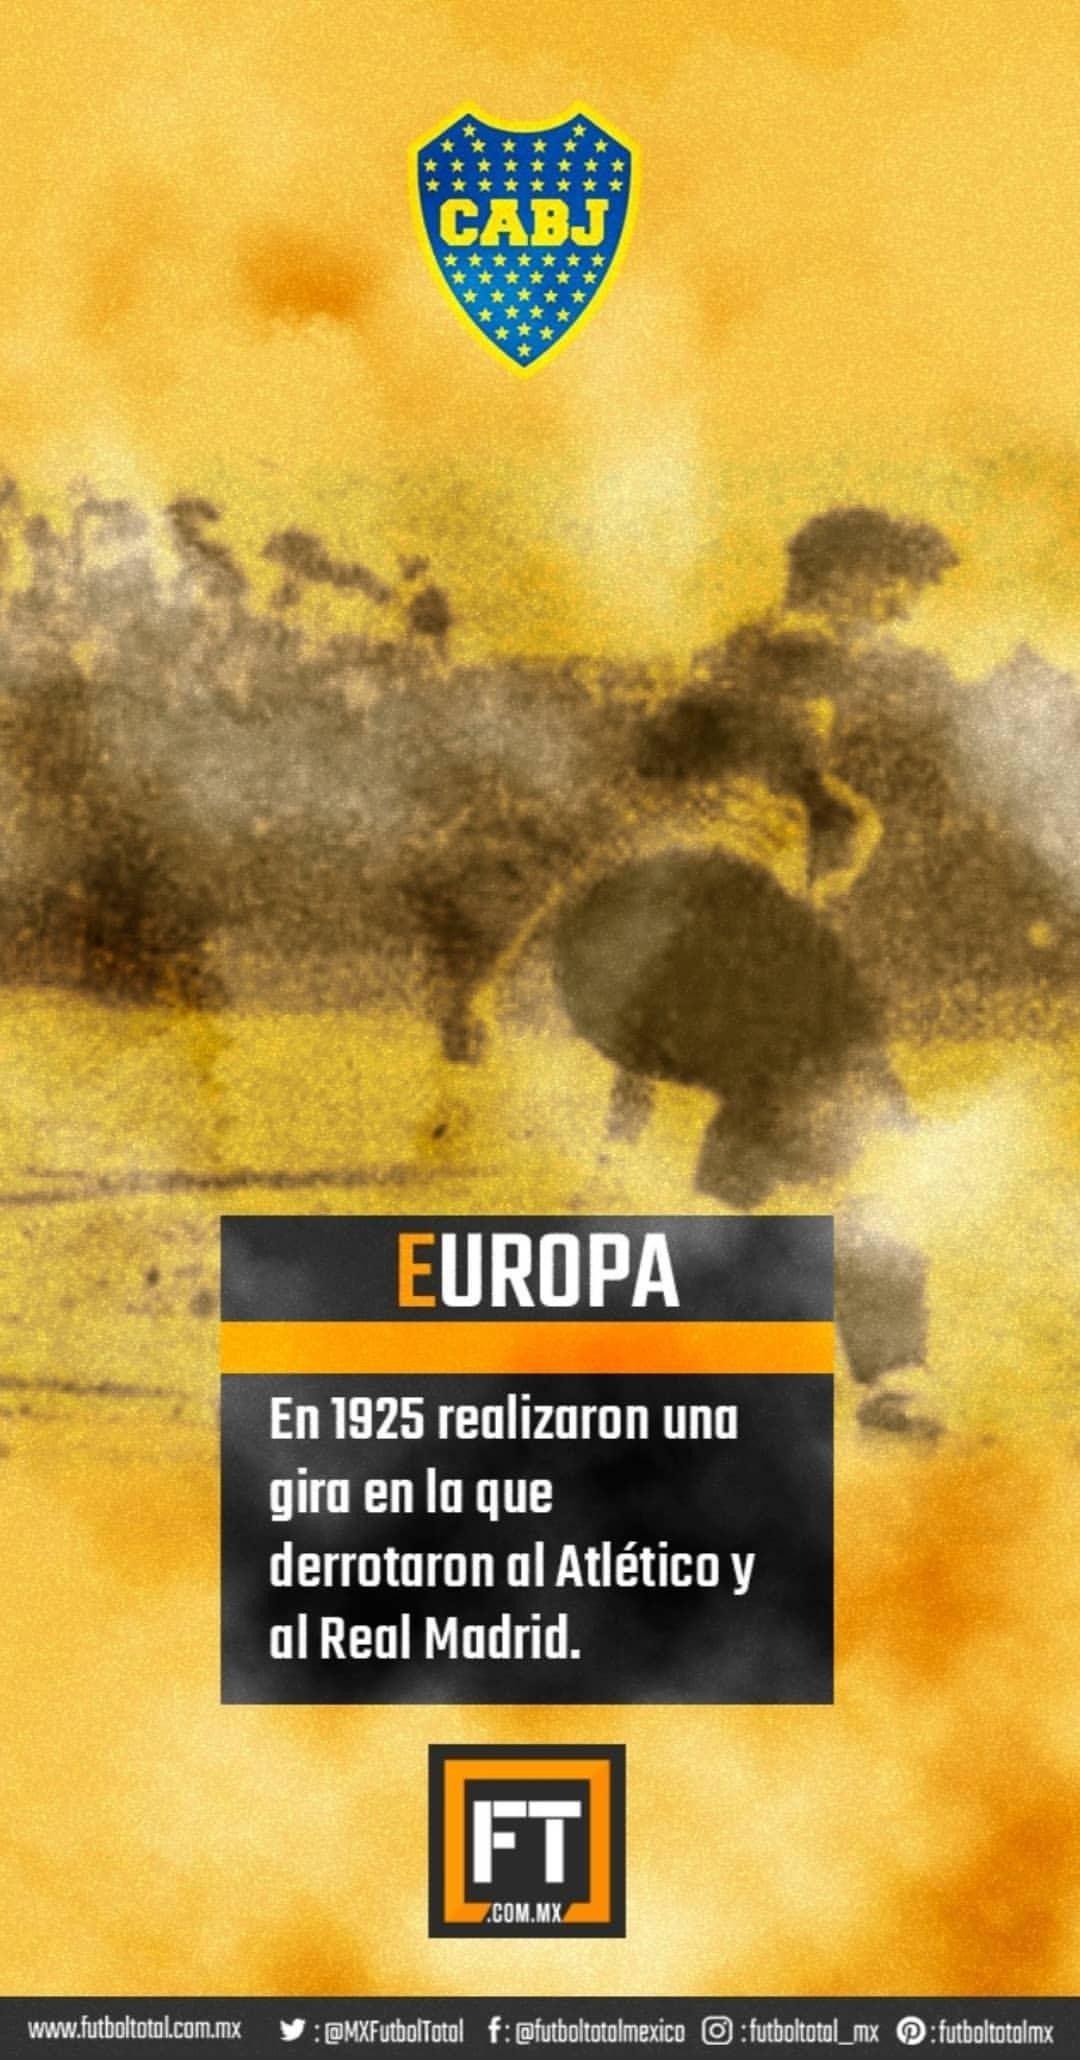 Triunfos antes dos históricos de La Liga.